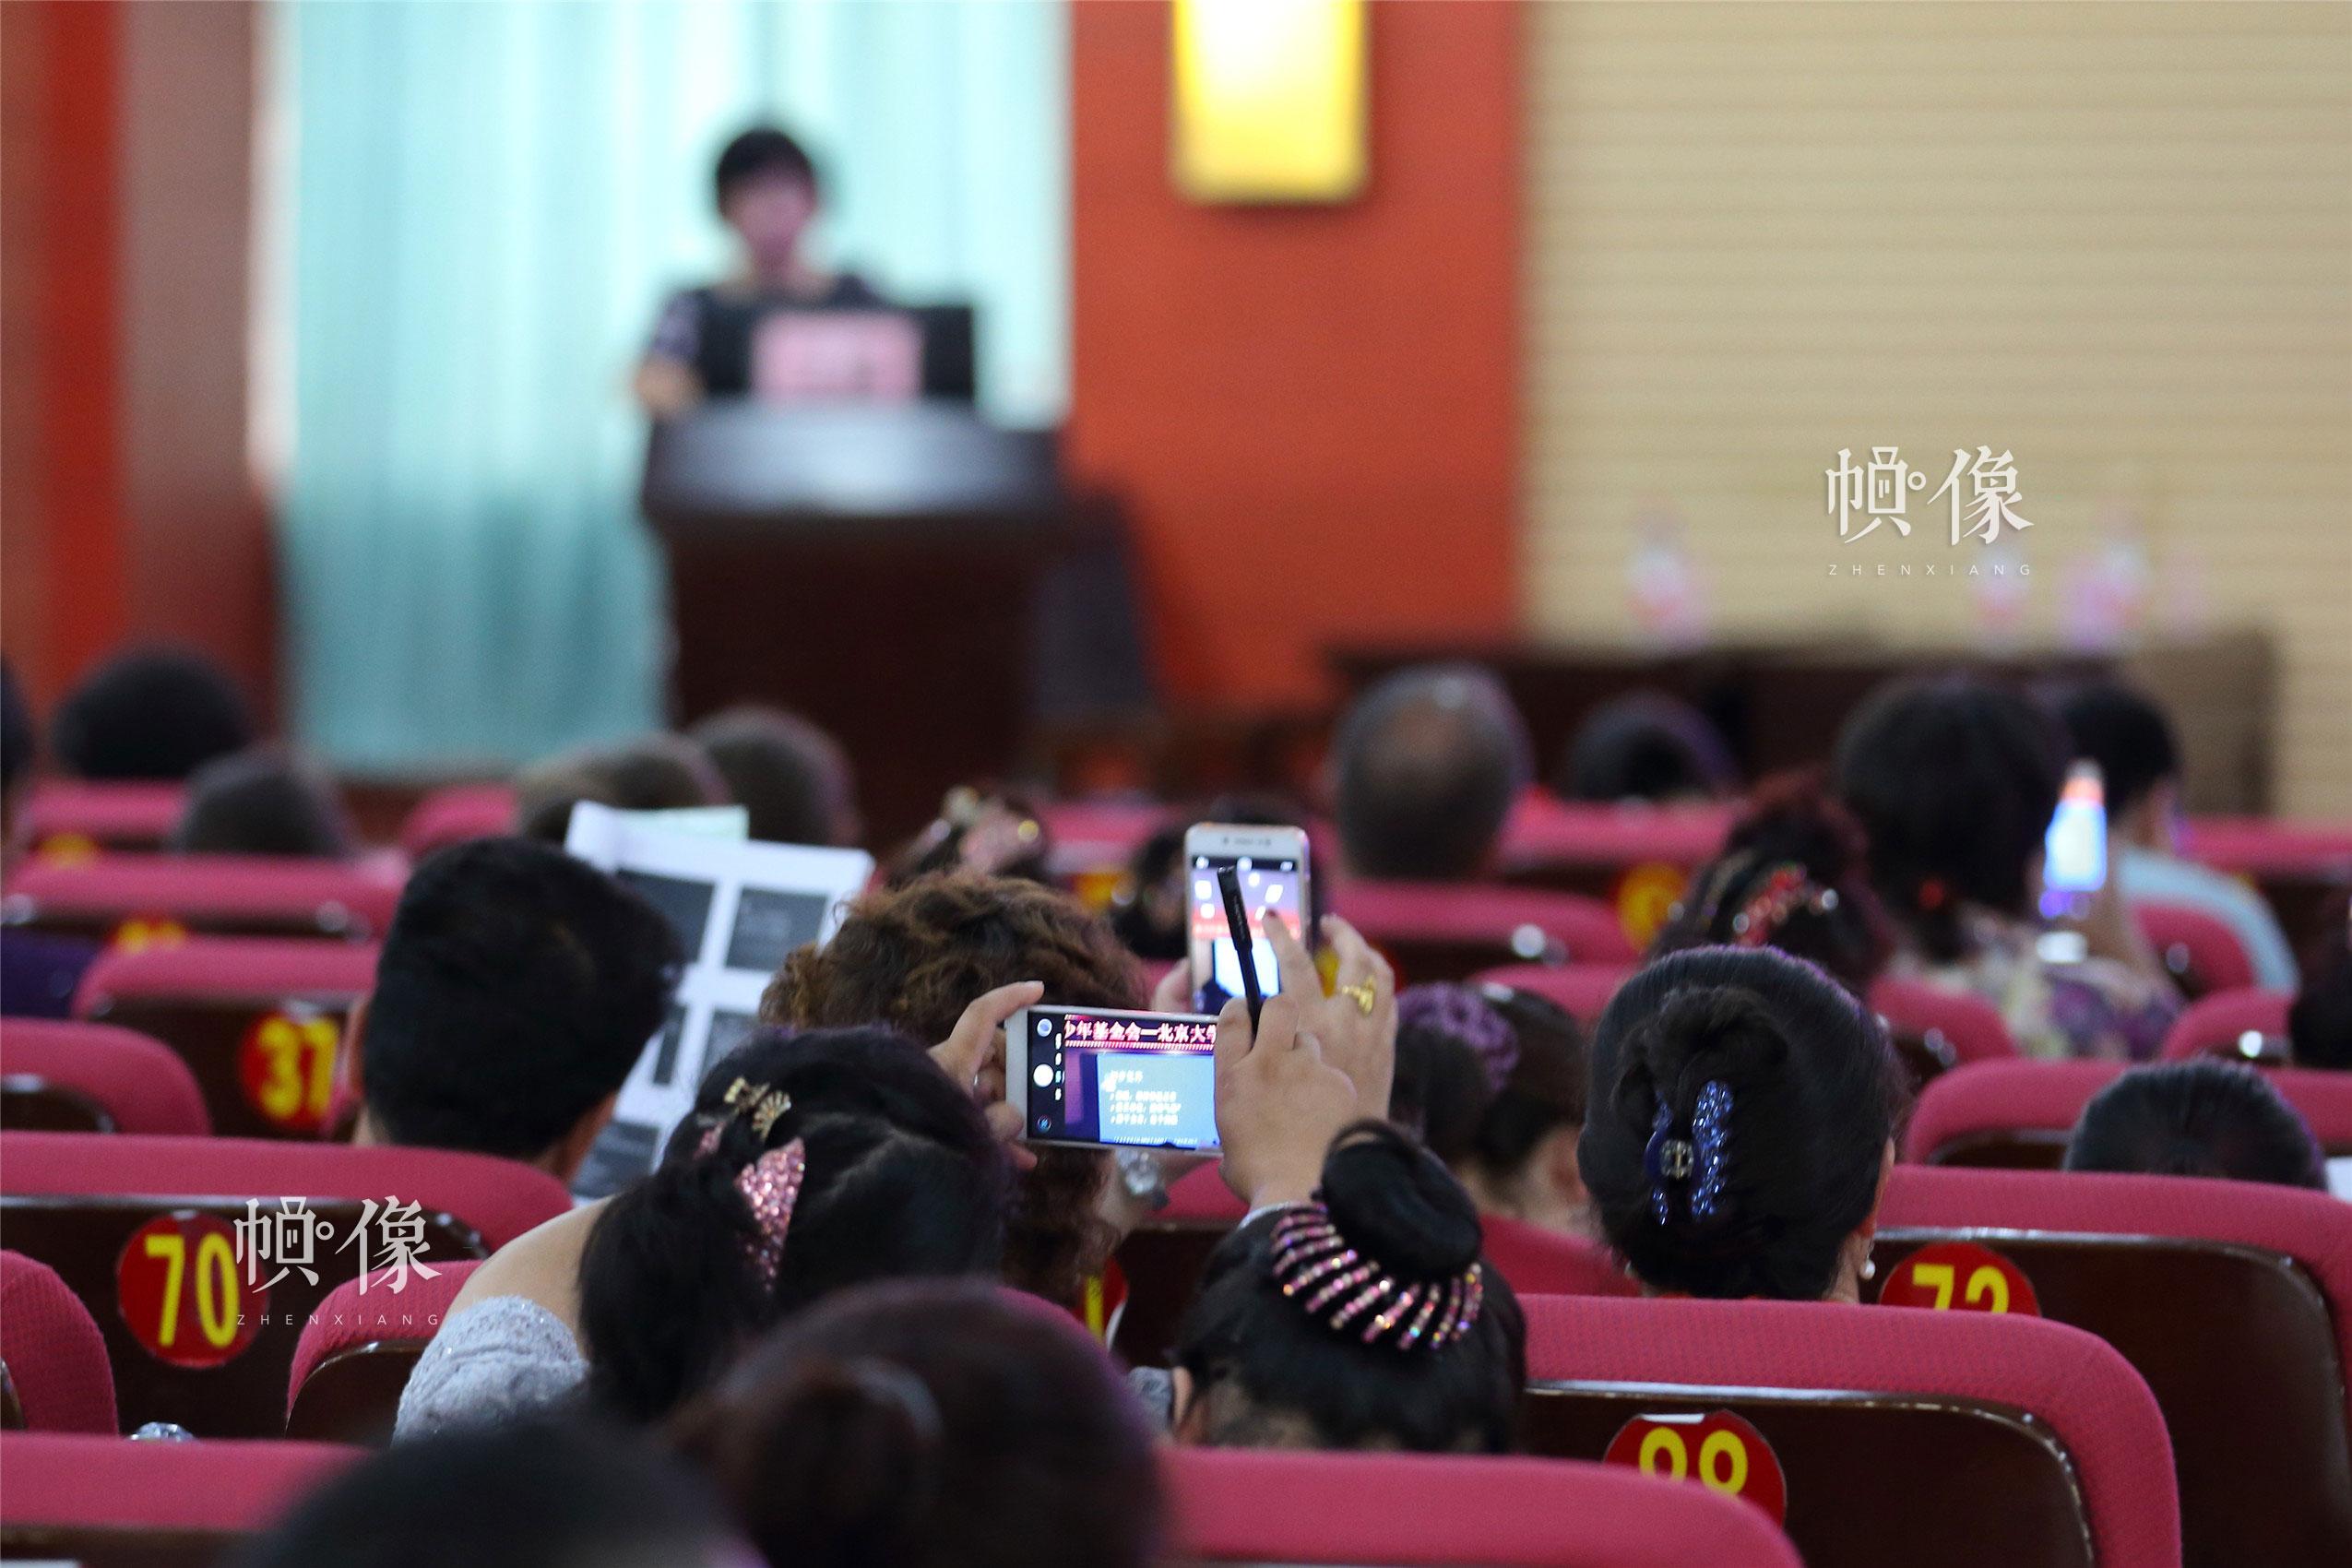 新疆克州当地百名医生来到克州人民医院参加全国儿科医师培训。中国网记者 陈维松 摄